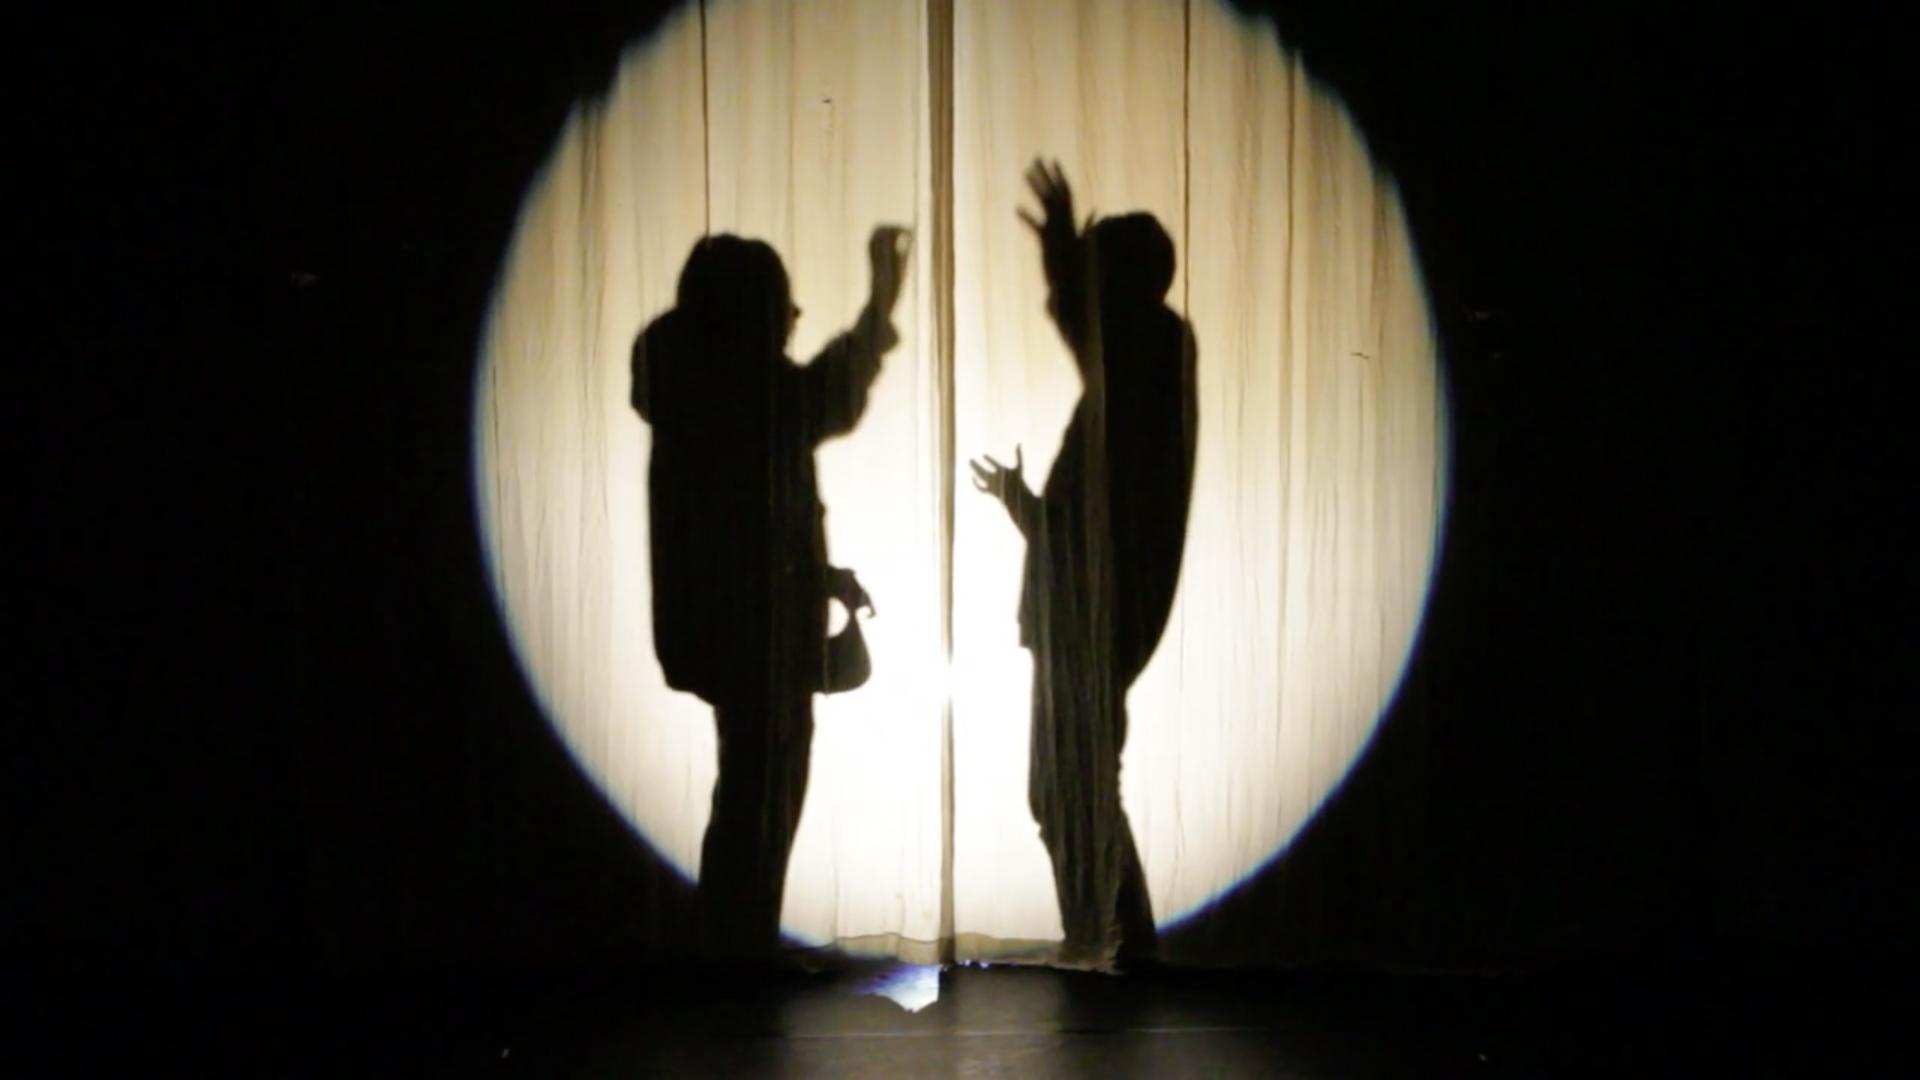 Jory Rabinovitz, XY Naught , 2014, performance at Abrons Art Center, New York, NY